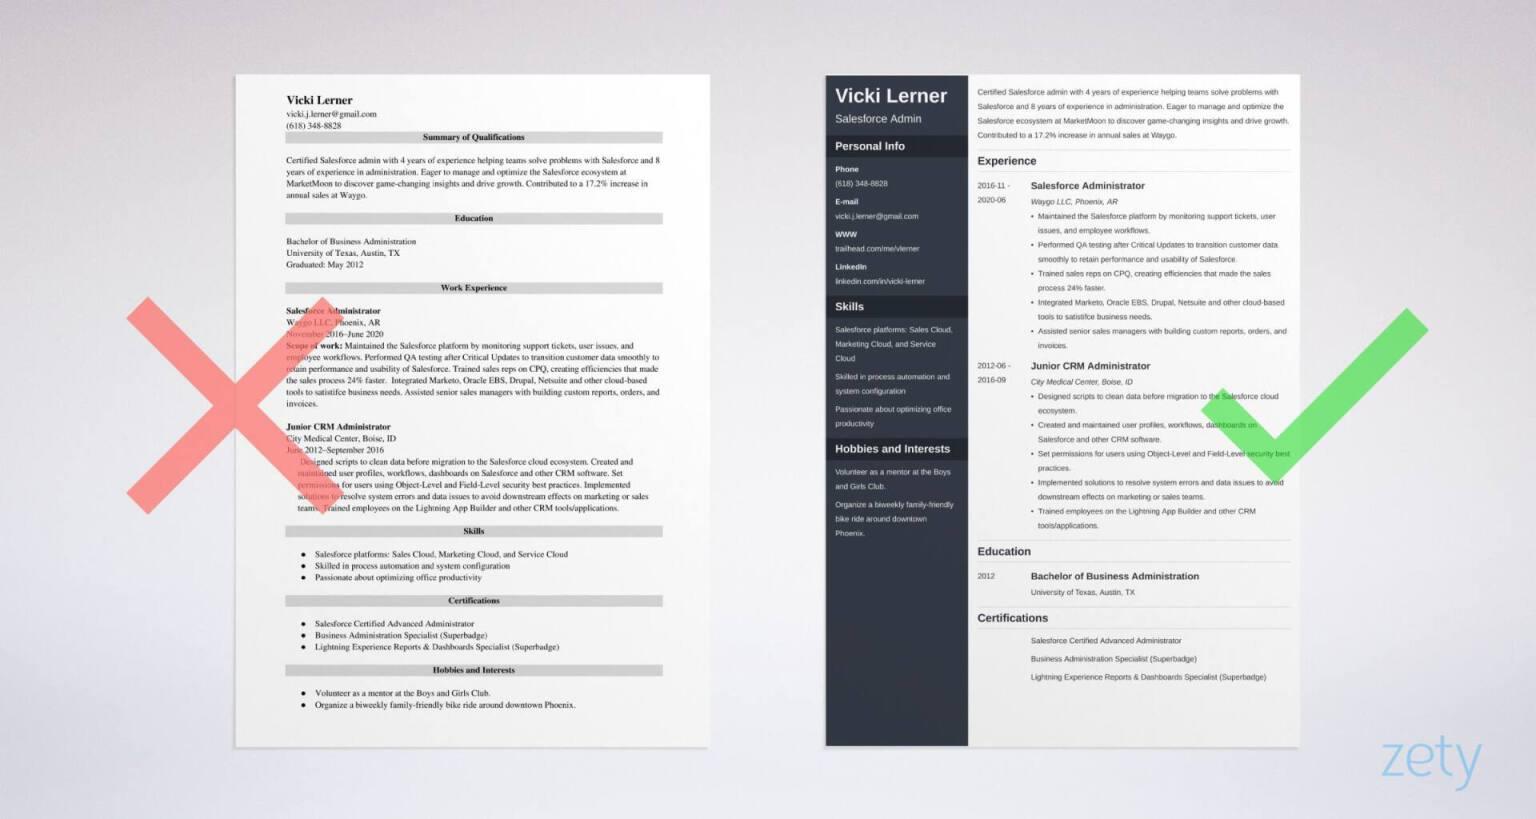 Business Administration Job Description